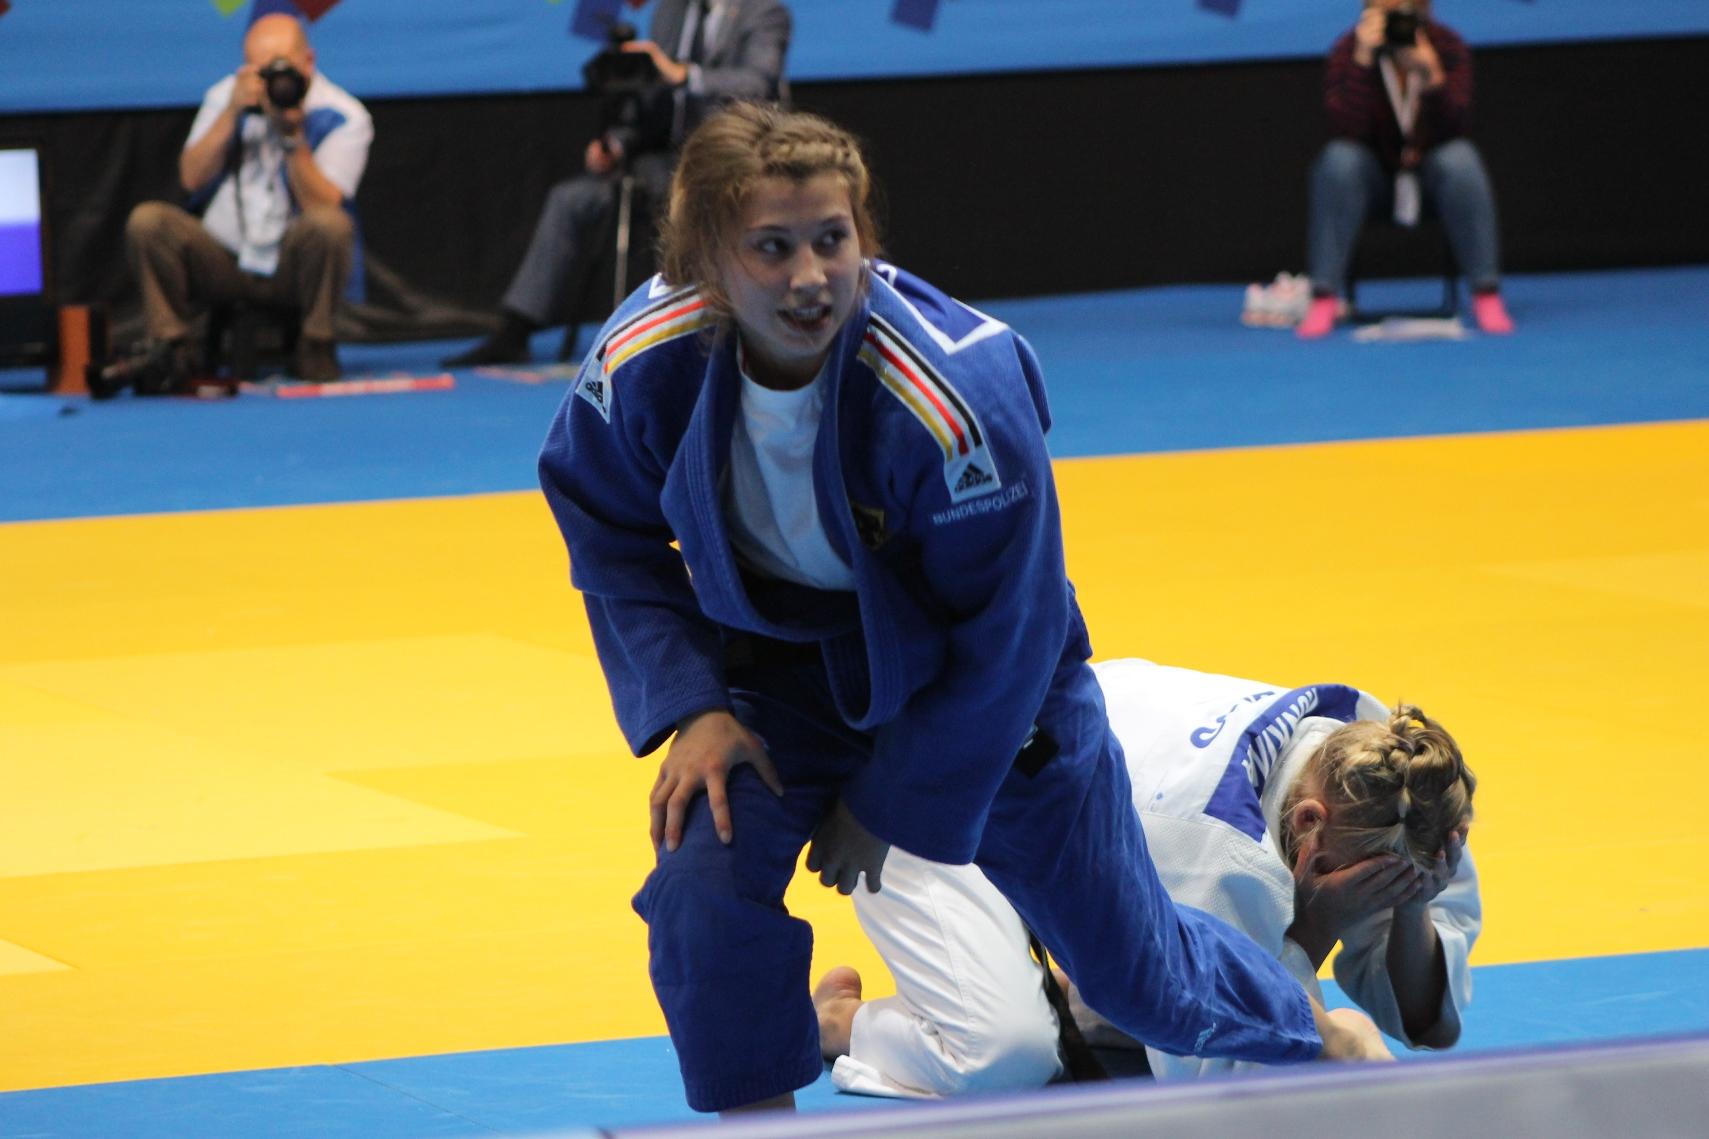 Gold bei den Europameisterschaften u23 für Sappho Coban